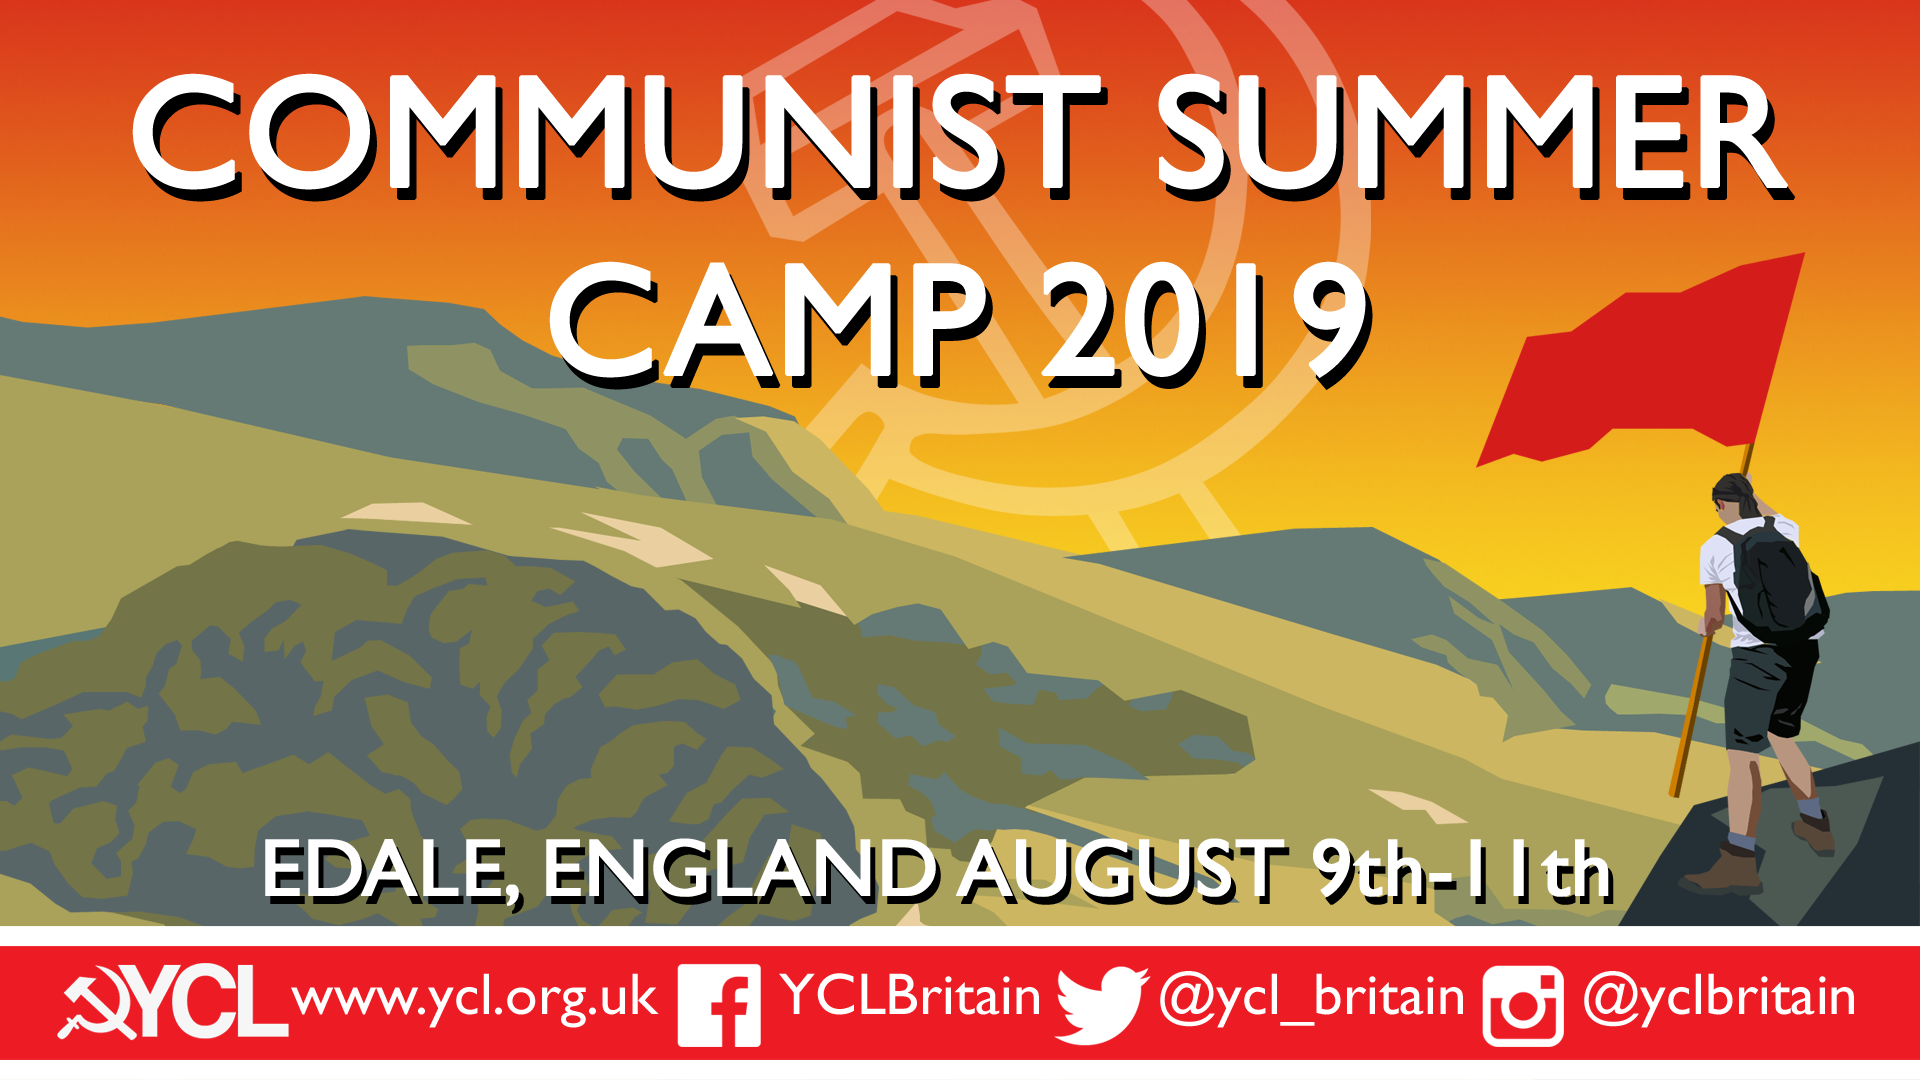 Communist Summer Camp Facebook Banner copy.png